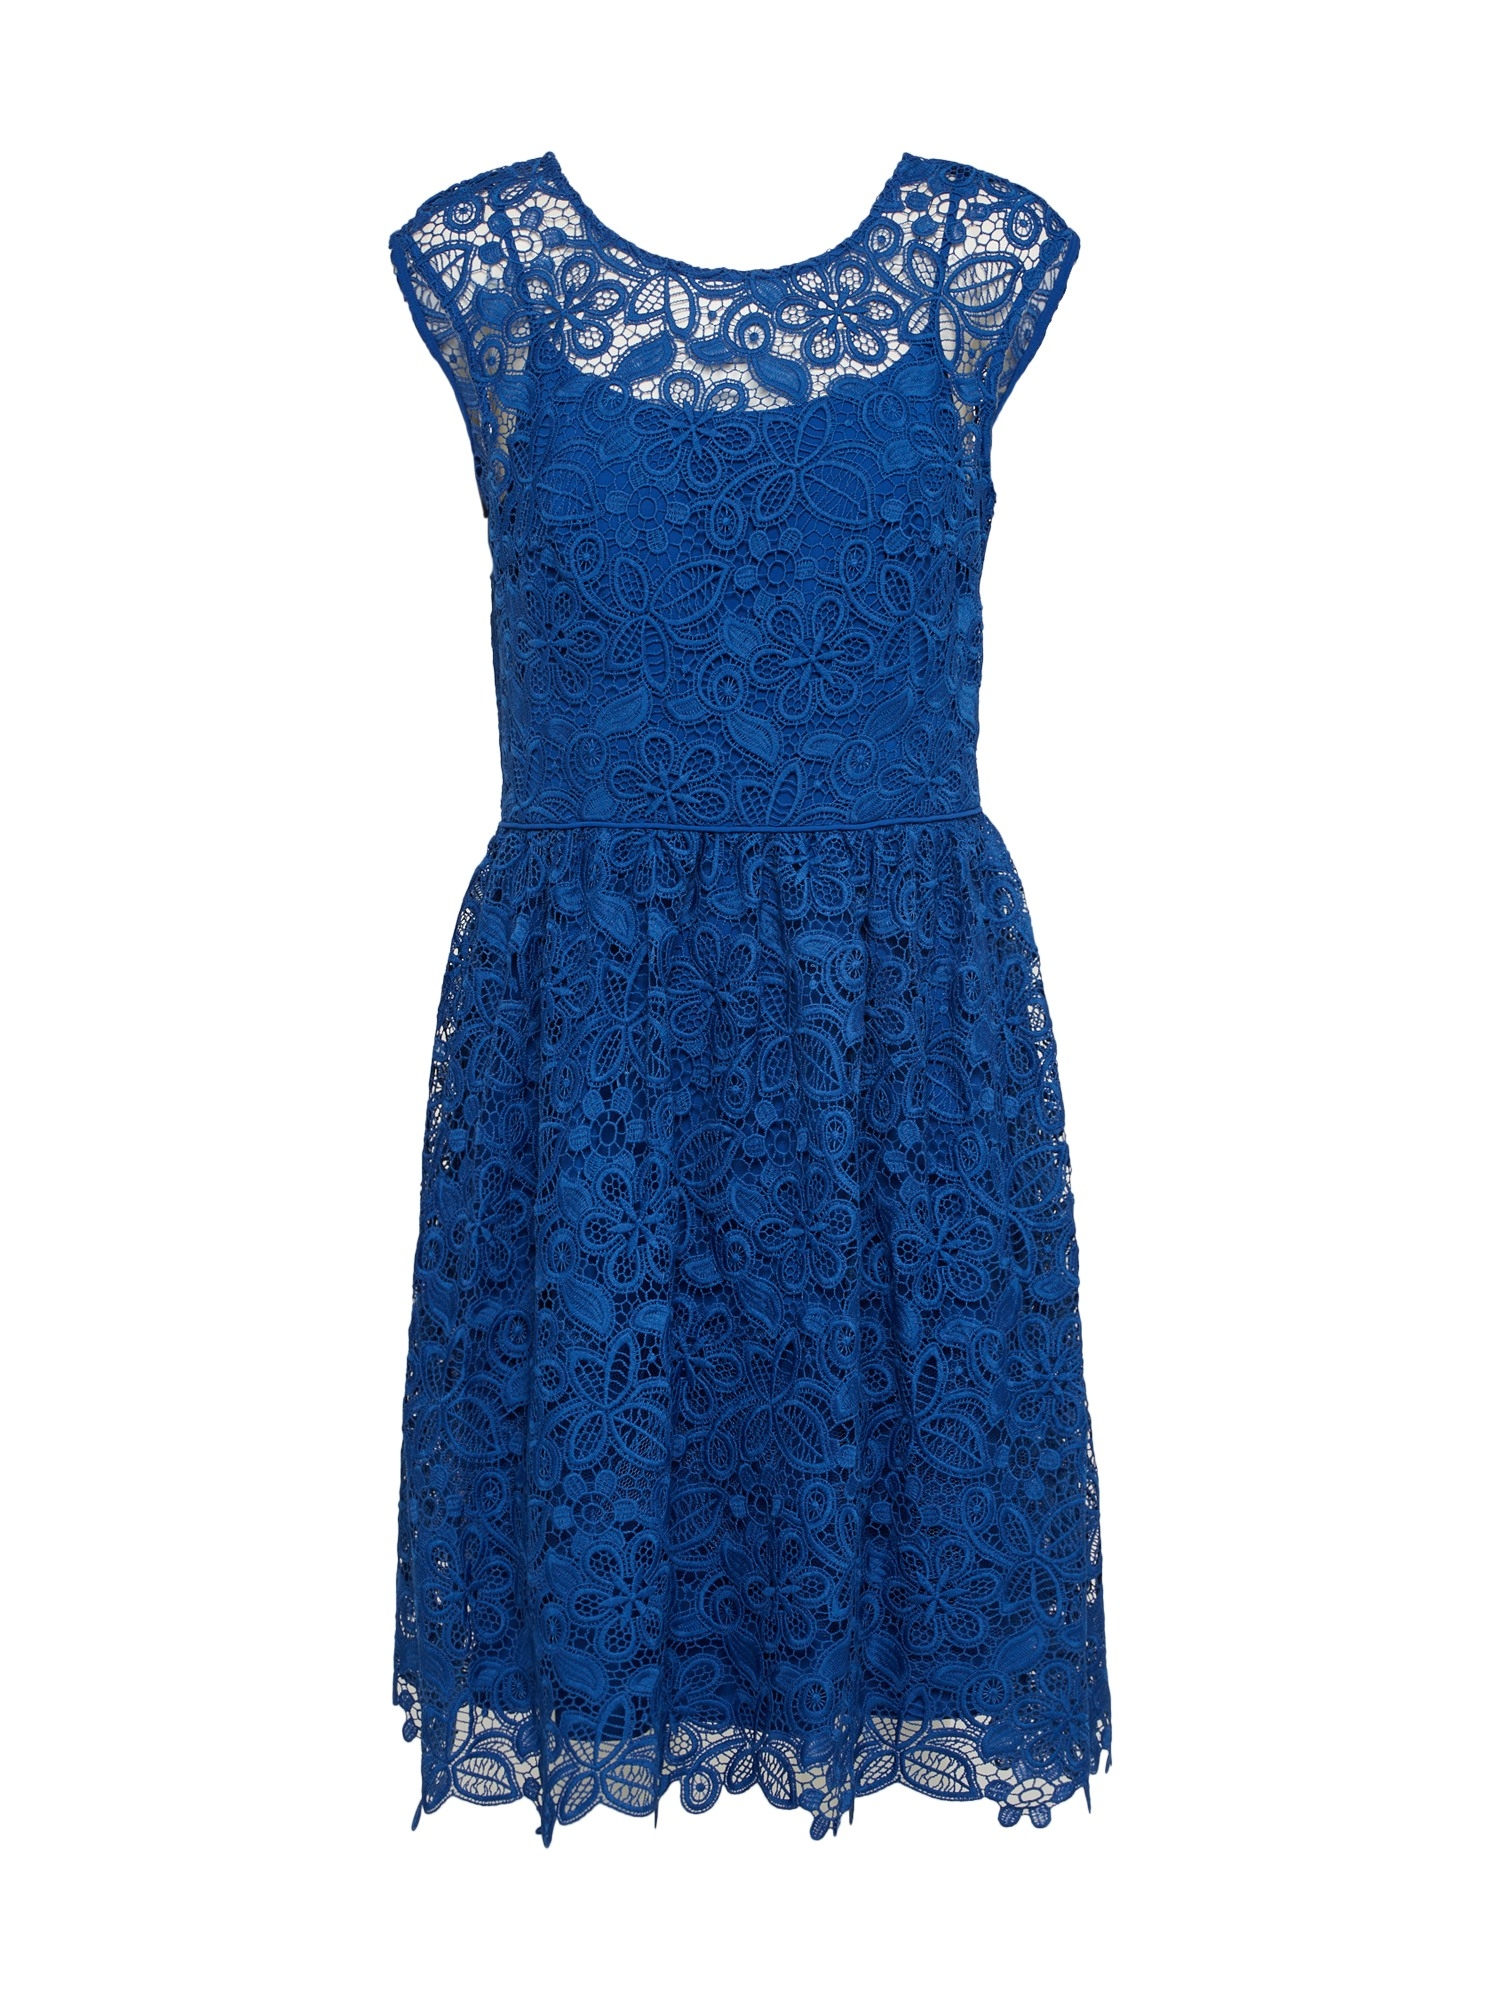 17 Fantastisch Kleid 42 Bester Preis13 Ausgezeichnet Kleid 42 Spezialgebiet